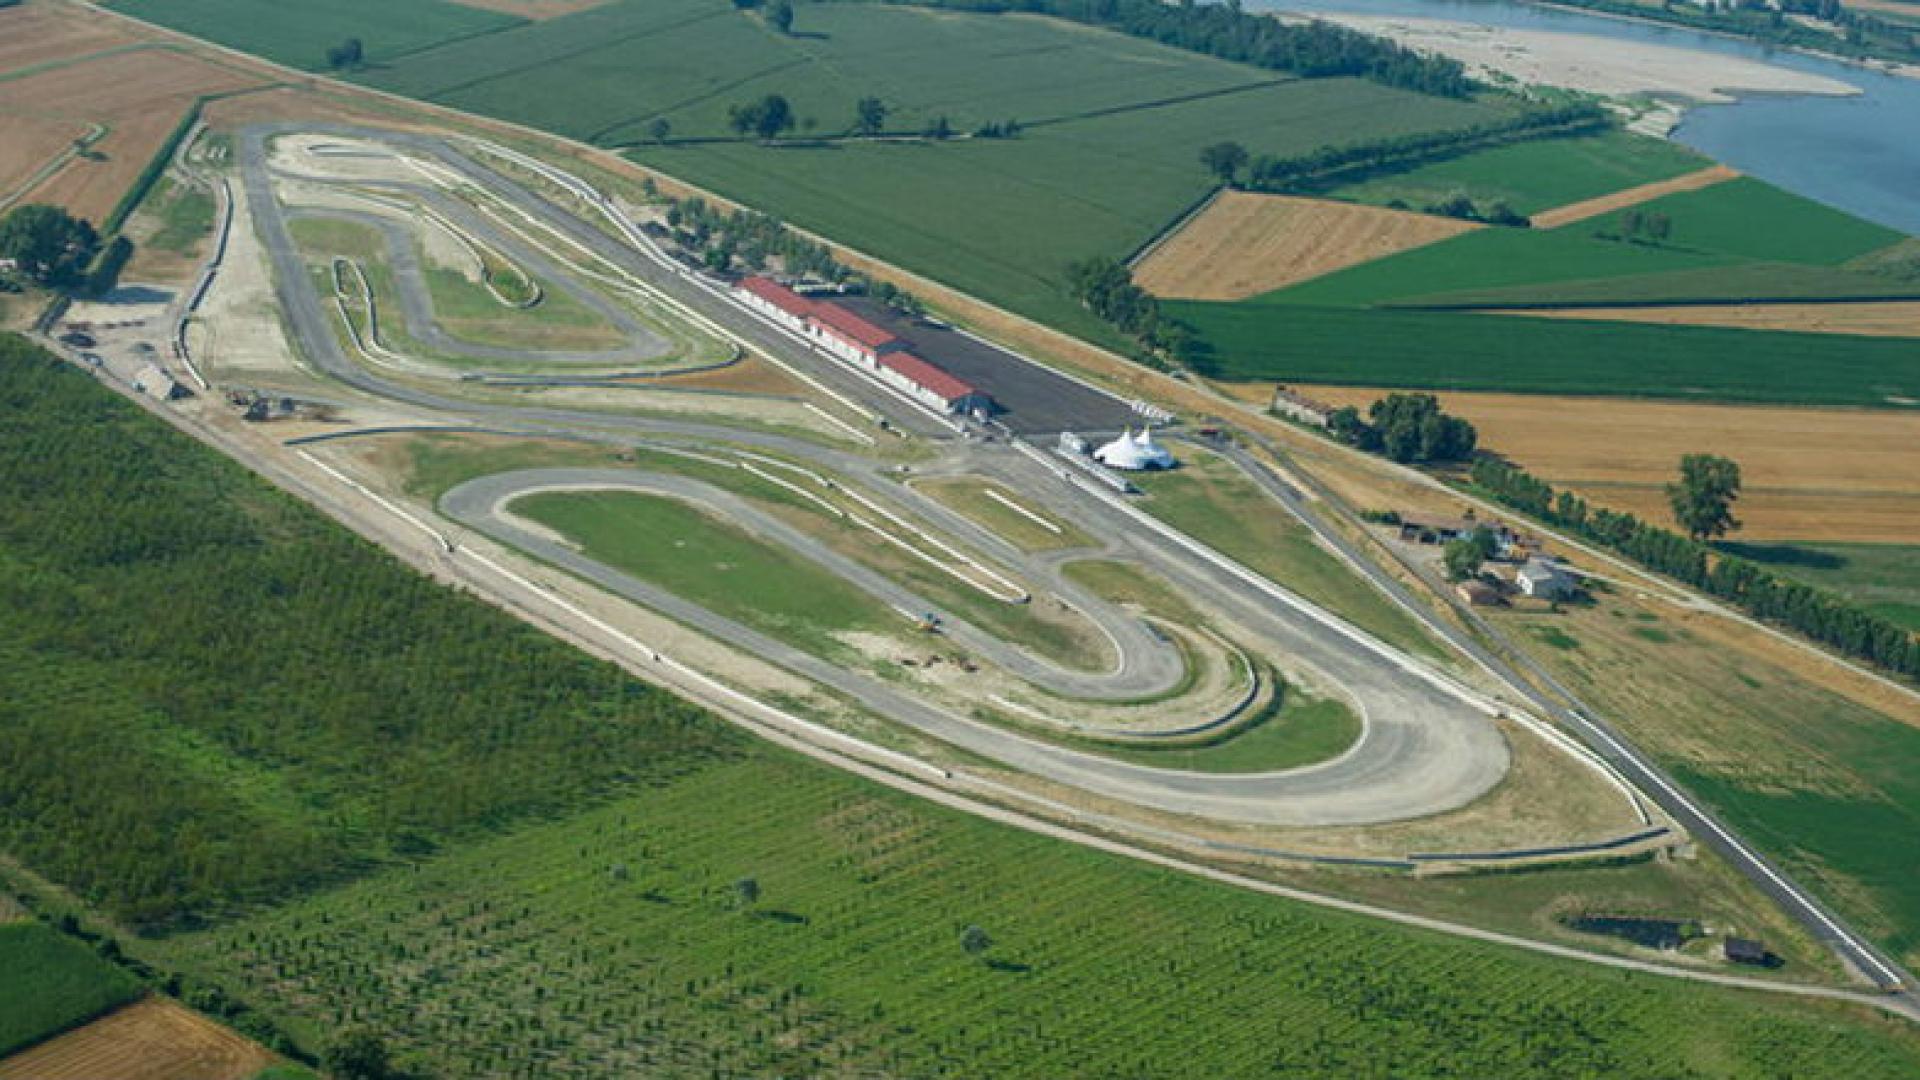 Michelin Pilot Sport Cup 2 Connect Tazio Nuvolari